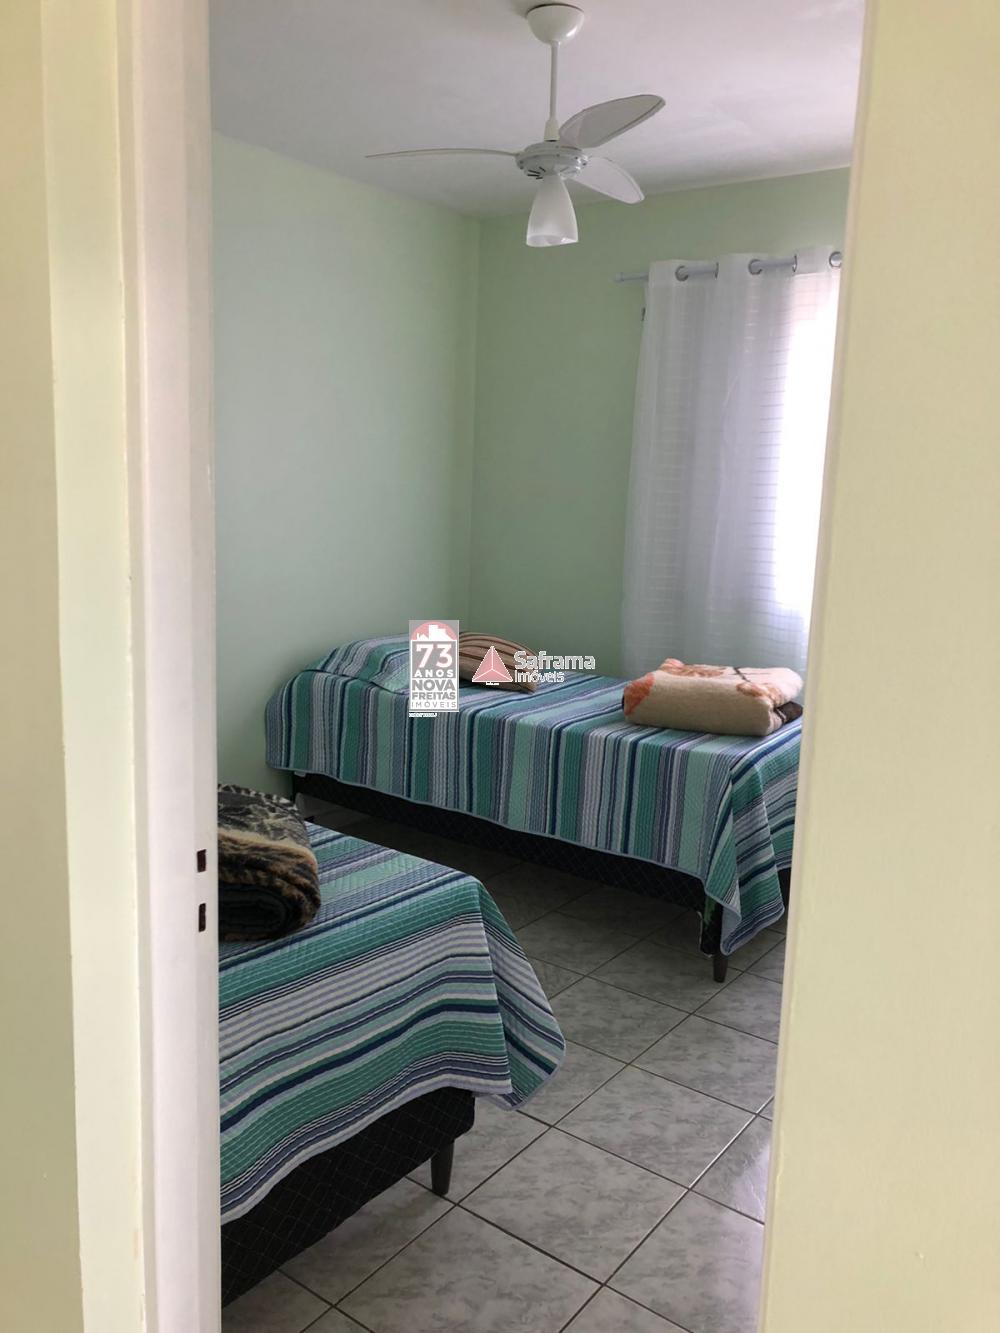 Comprar Apartamento / Padrão em Caraguatatuba R$ 300.000,00 - Foto 9